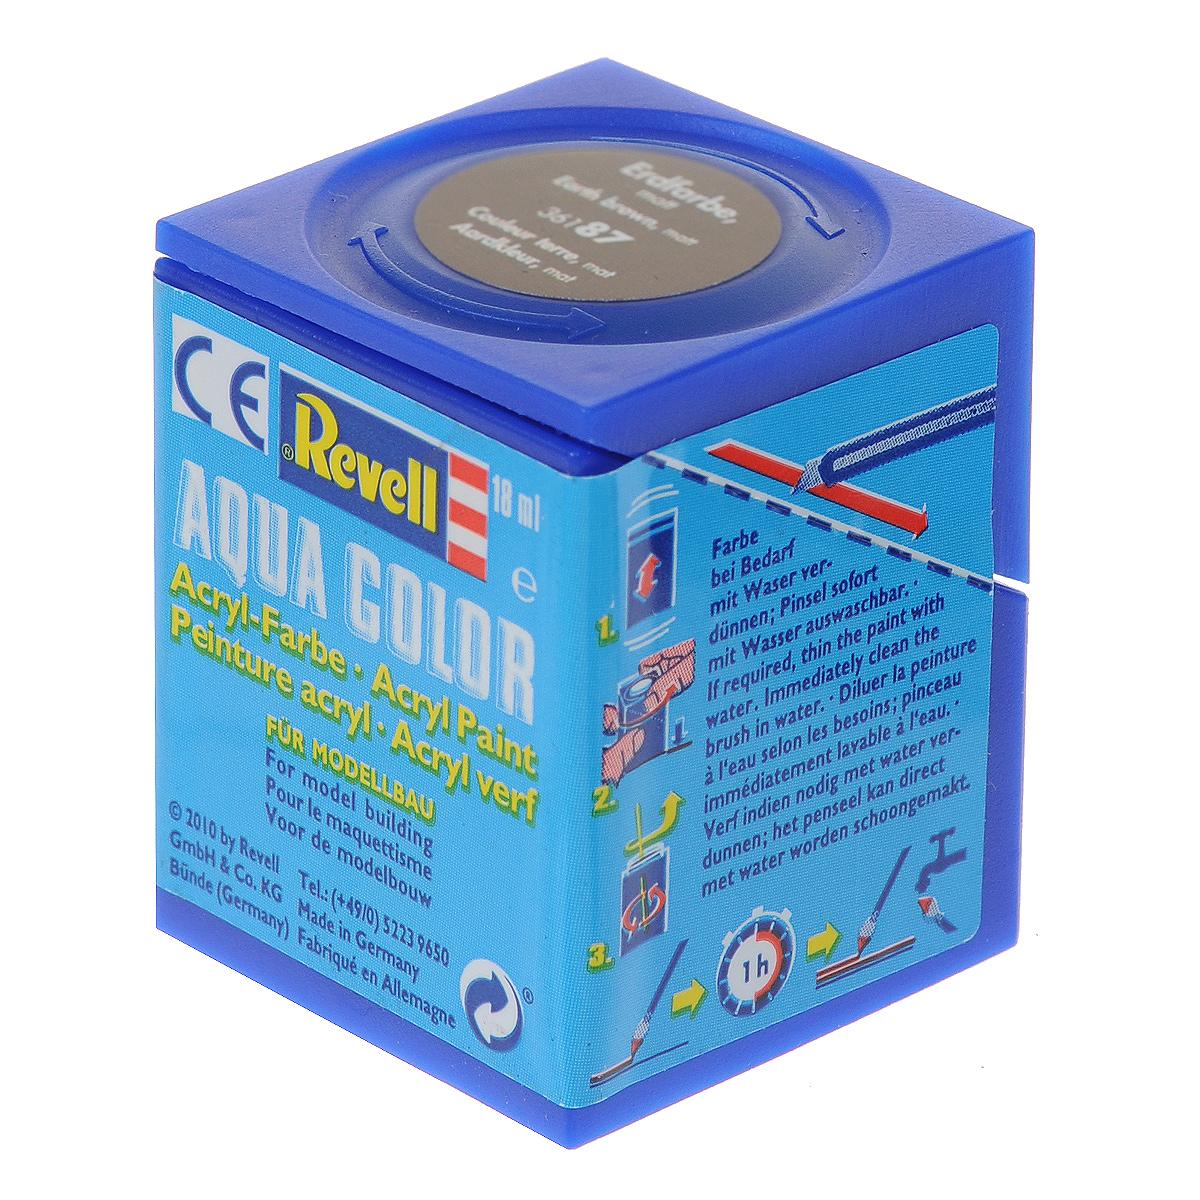 Revell Аква-краска матовая цвет темно-коричневый 18 мл36187Краска для моделей Revell - это высококачественный материал для покраски ваших моделей. Данная краска служит для окрашивания пластиковых поверхностей сборных моделей Revell. В баночке содержится 18 мл матовой краски. В случае необходимости различные оттенки эмали могут быть смешаны друг с другом, для разбавления используется Revell Color Mix.